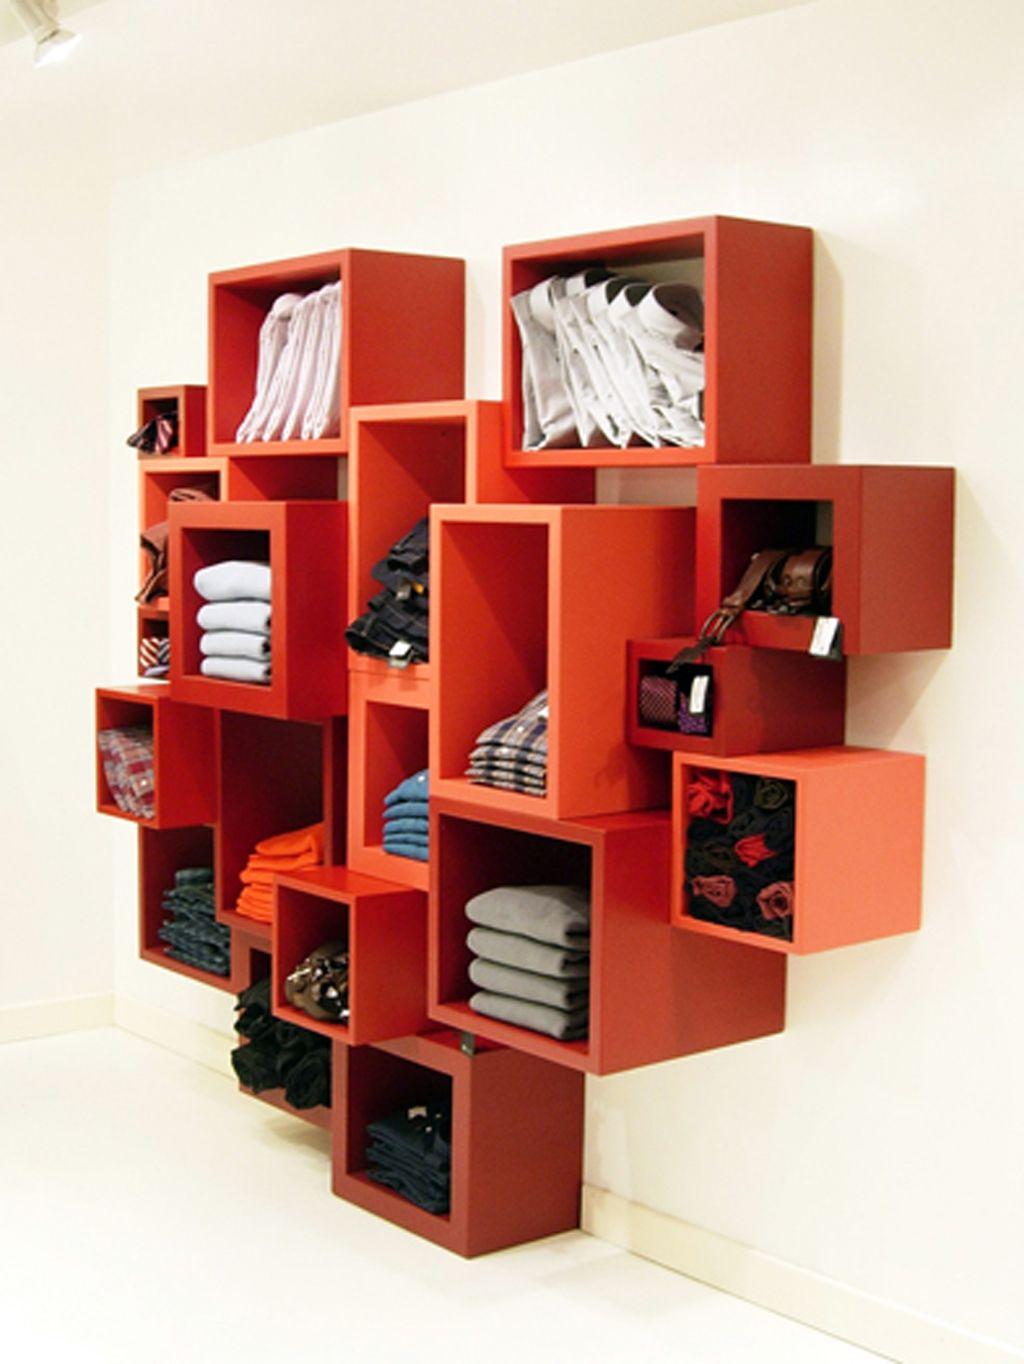 unique bookshelves - Google Search | WW Shelving: Plans/Ideas ...